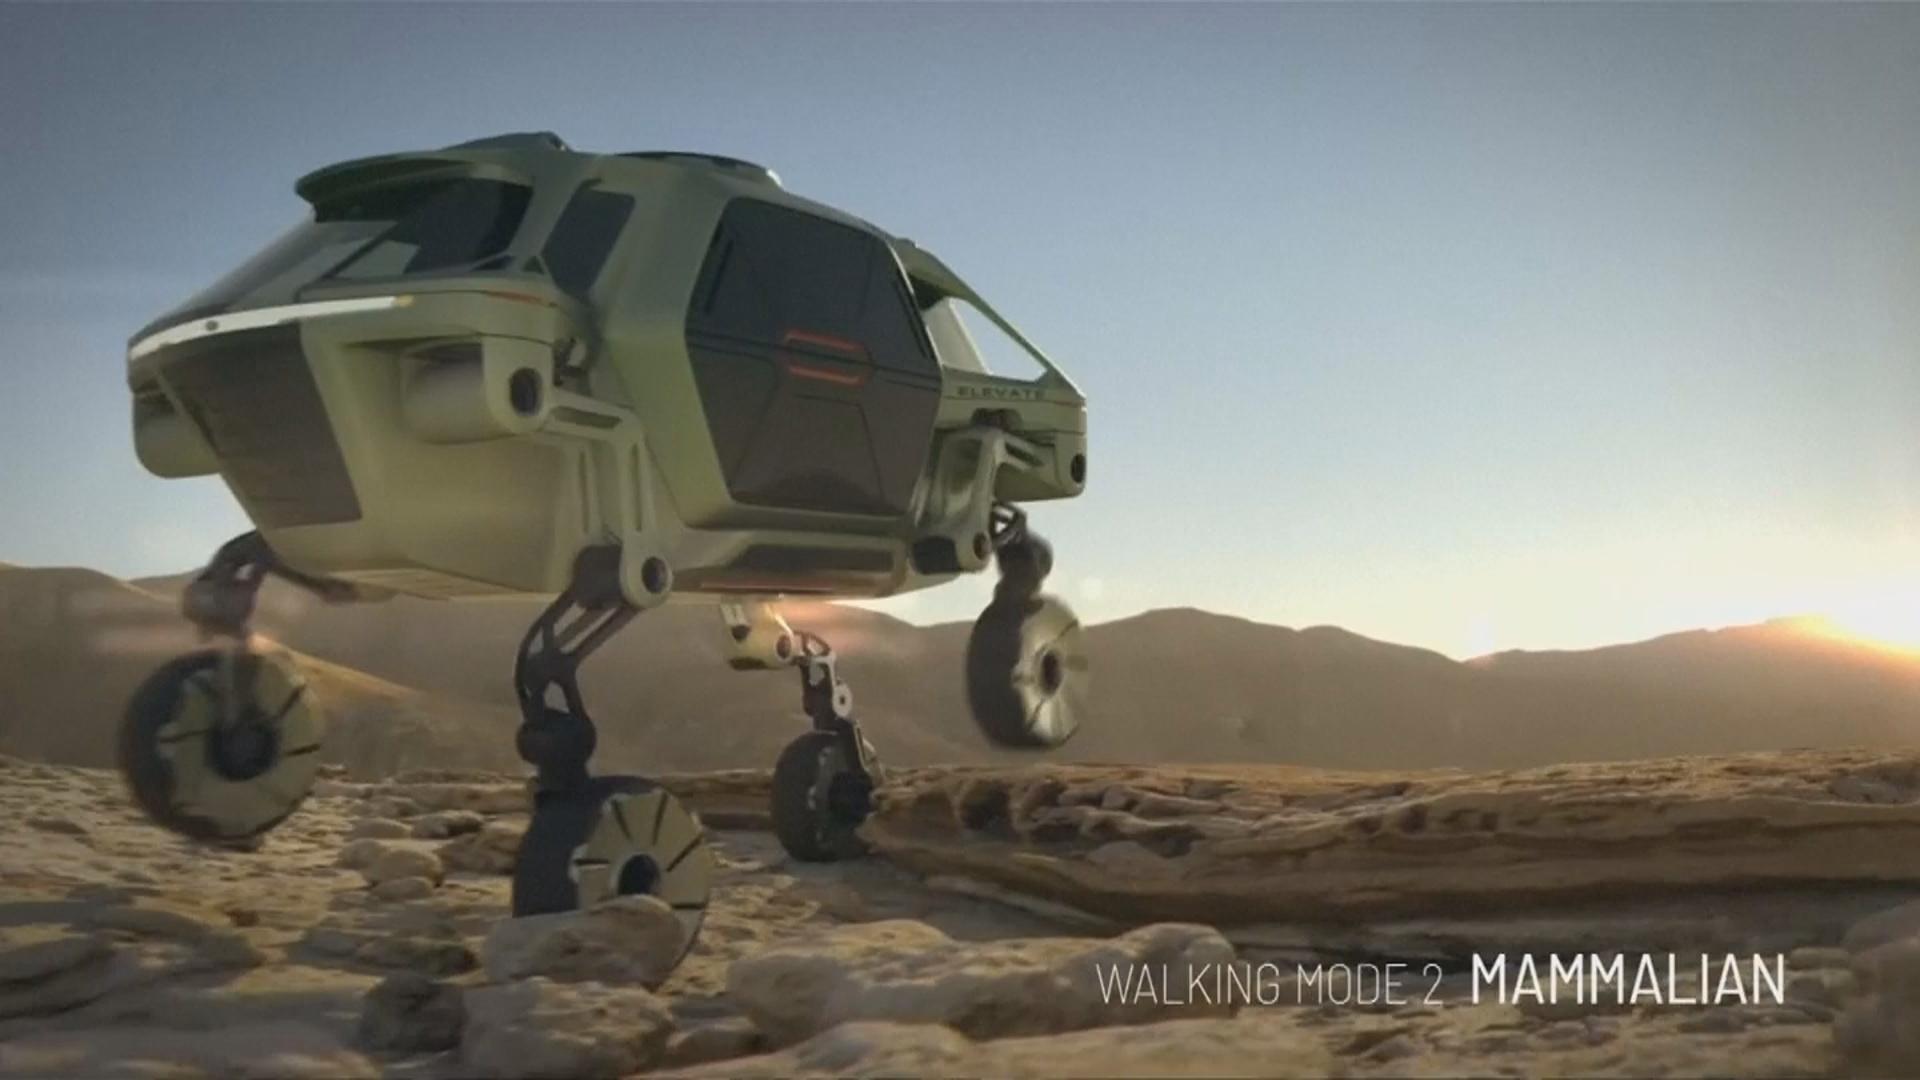 未來汽車「長腳」 走路攀爬難不倒它